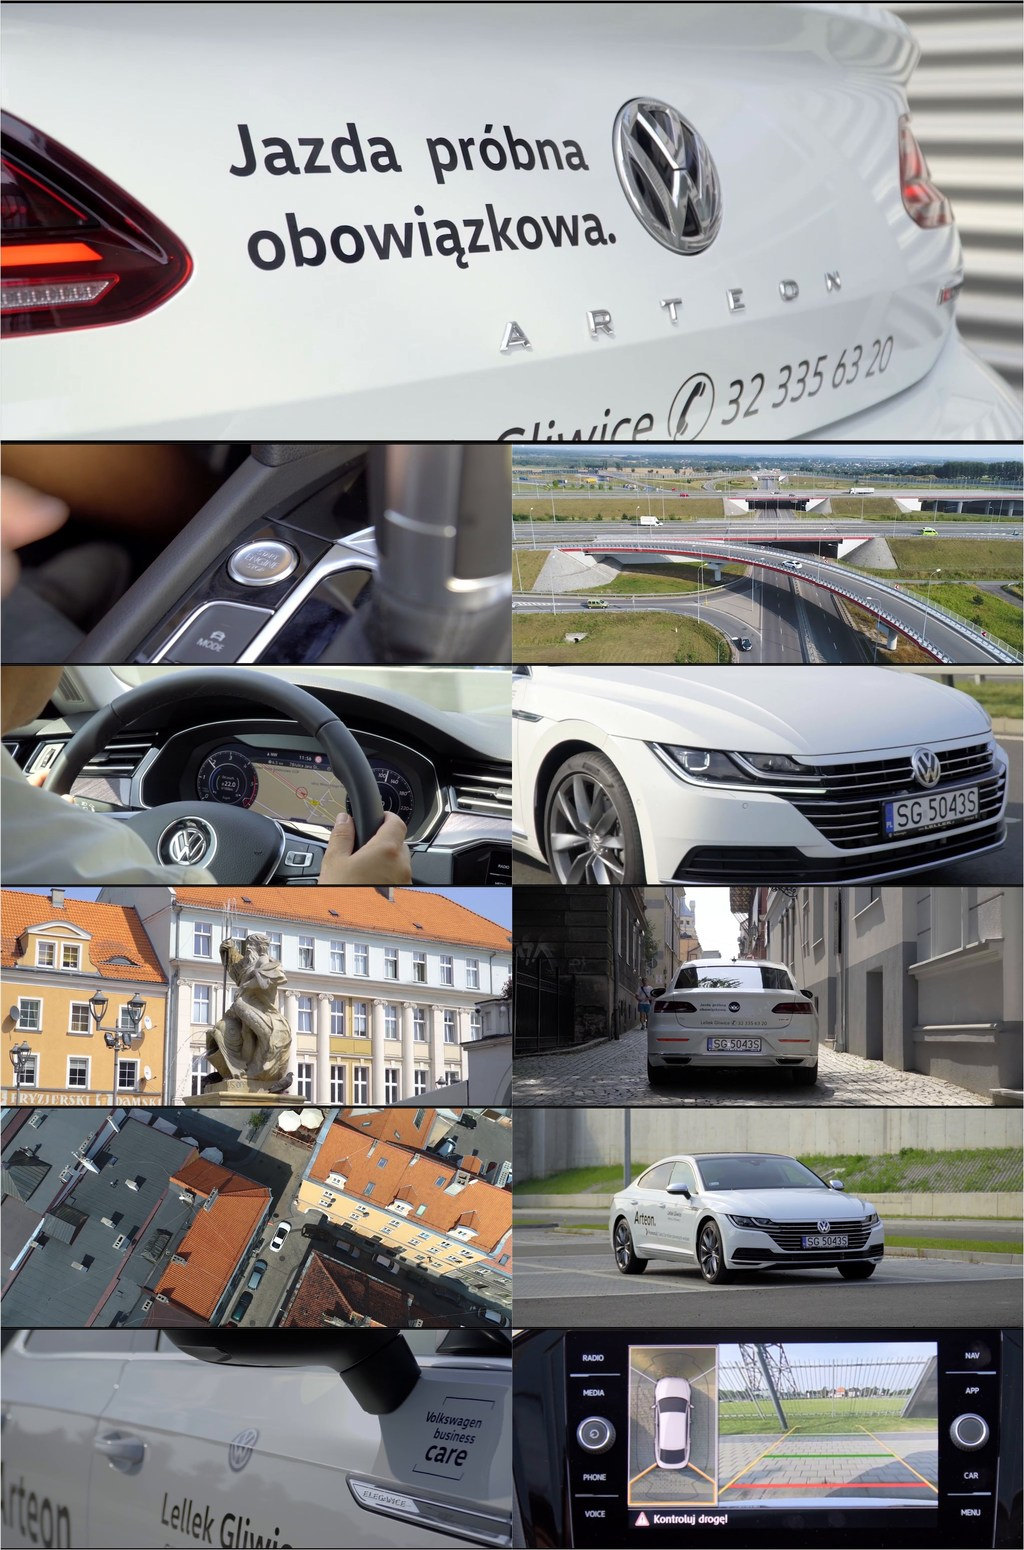 最新大众汽车广告视频素材